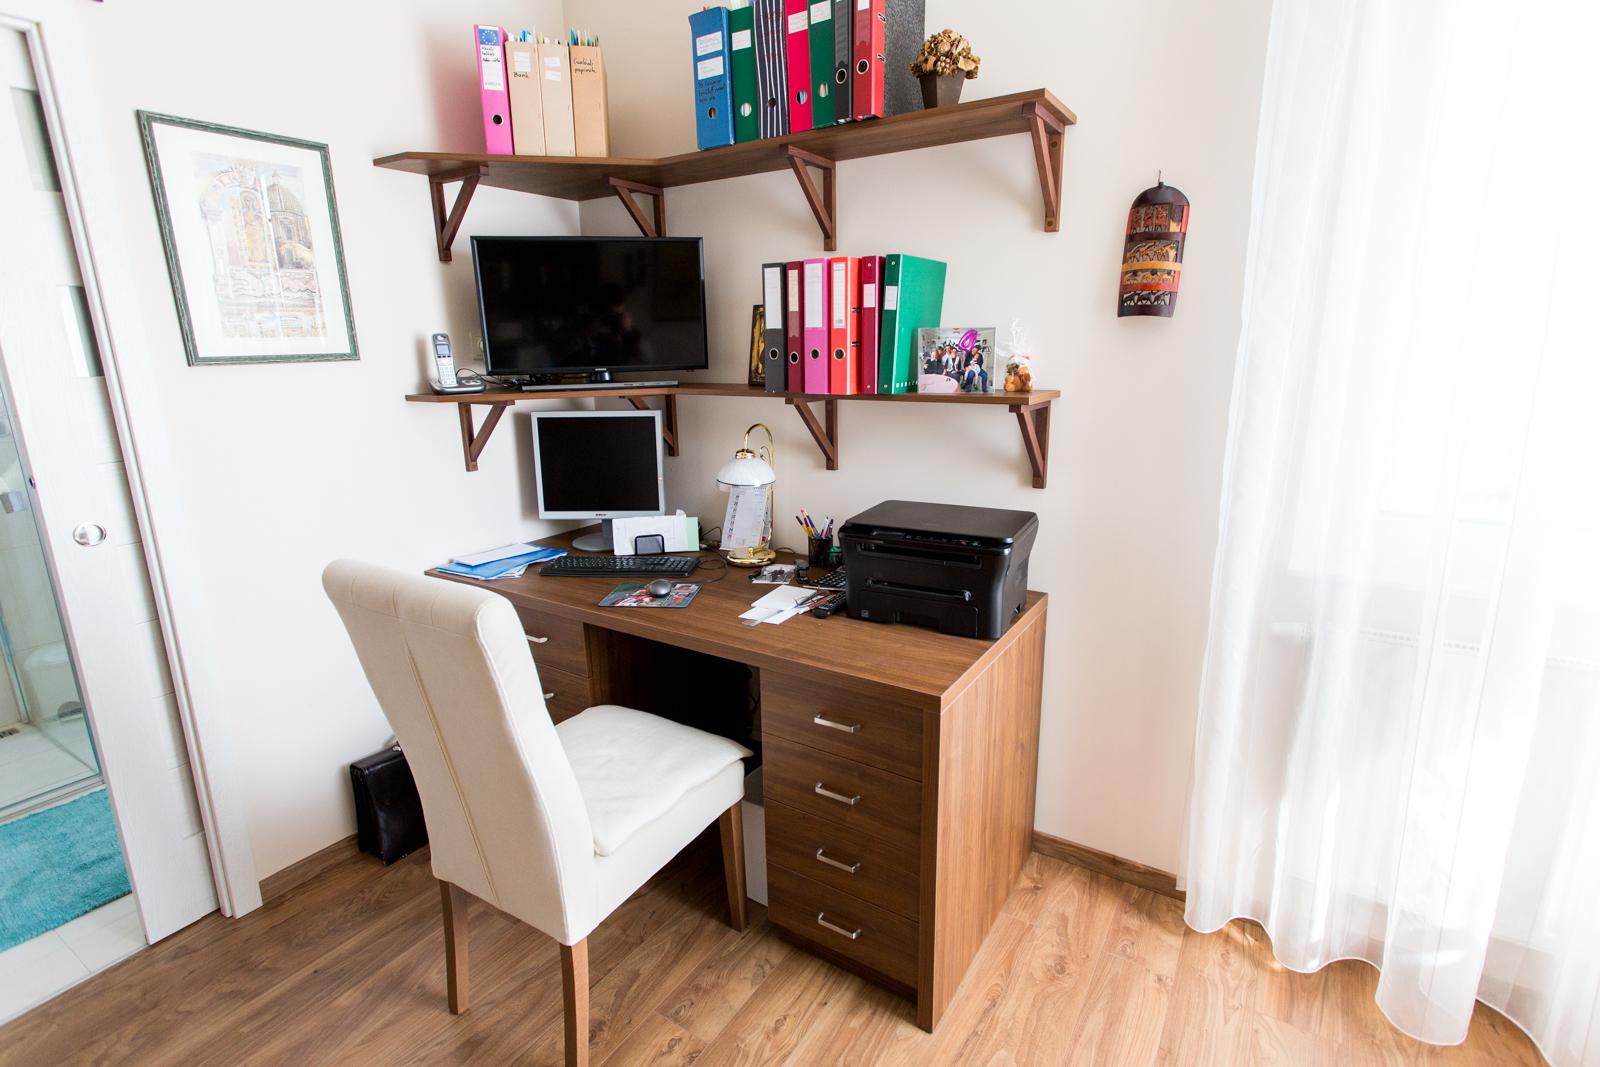 Laminált lapból készült szekrény és dolgozó asztal